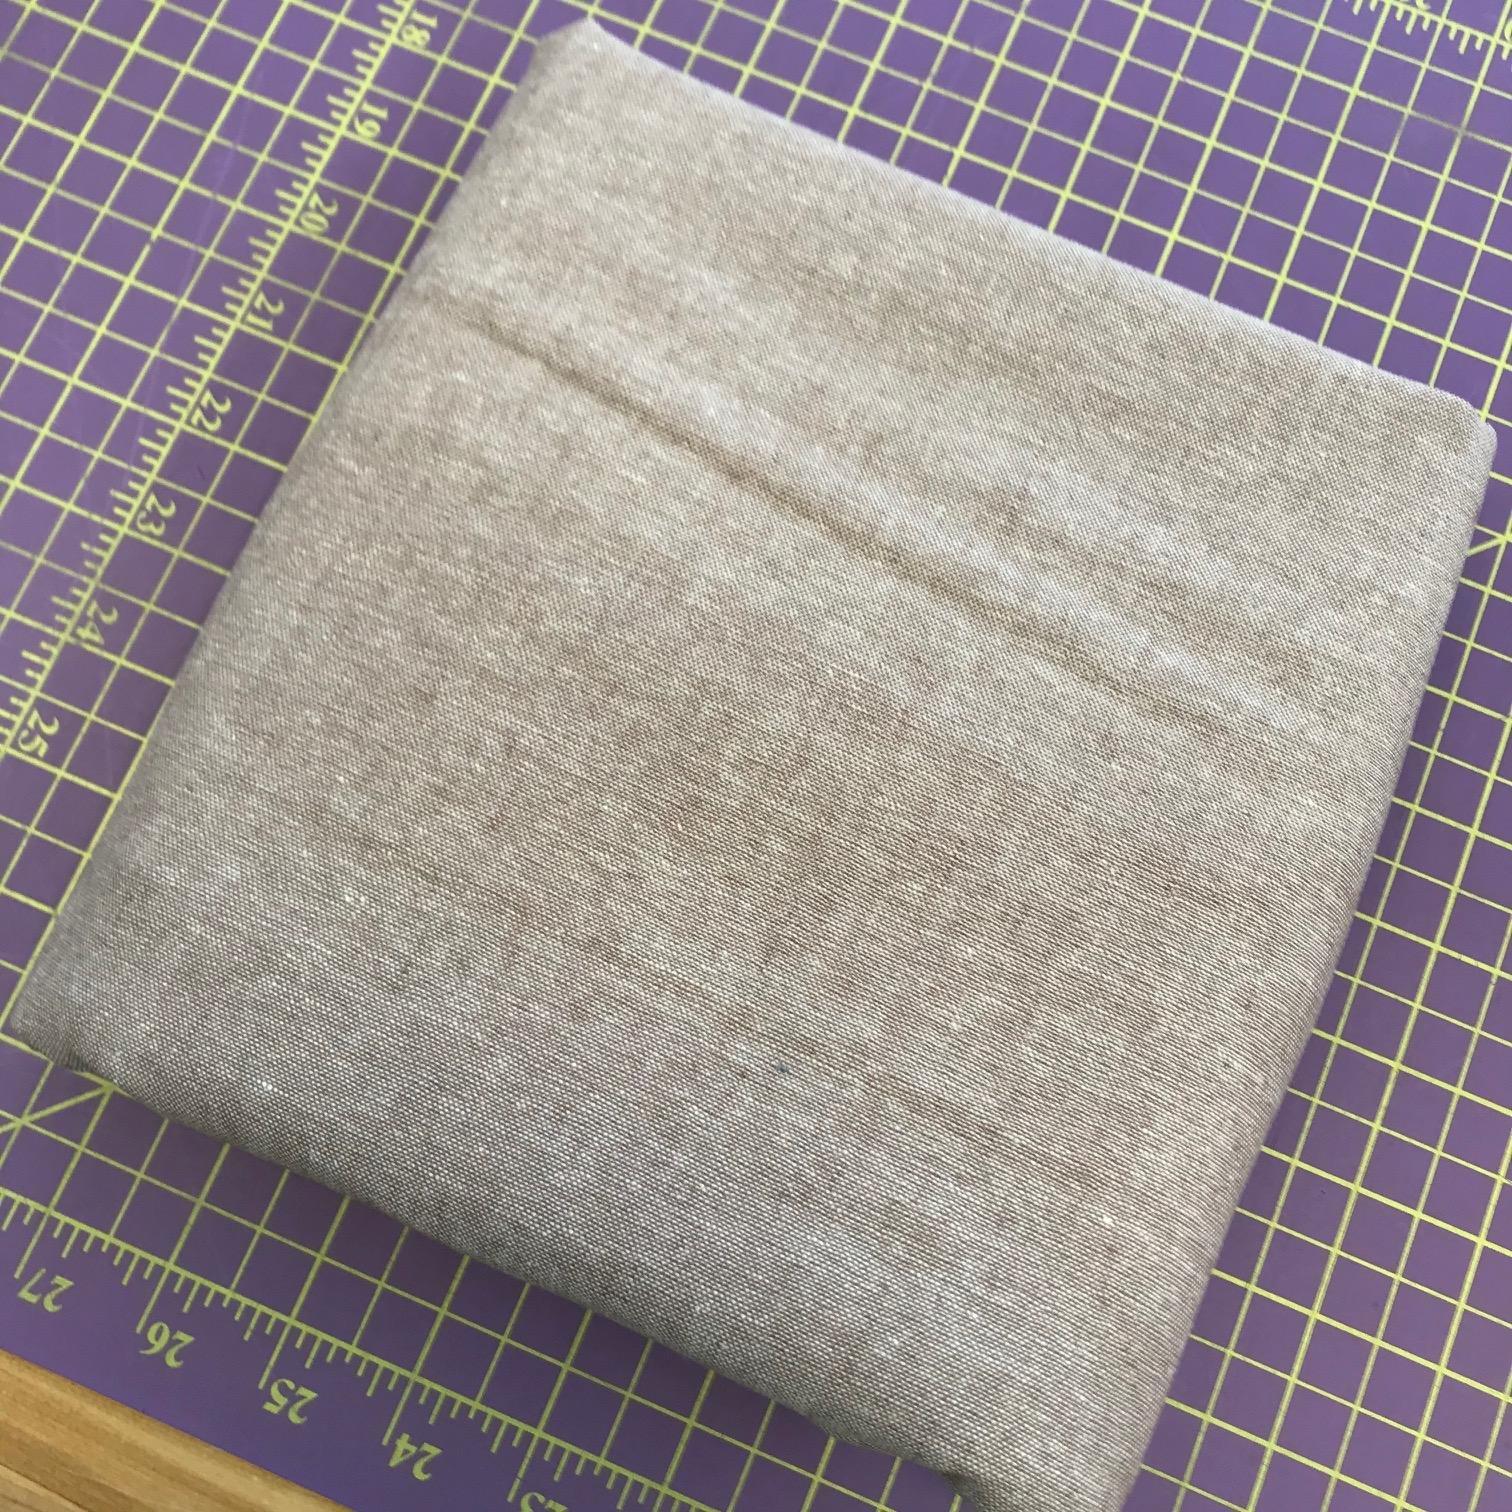 Fabric Essex Yarn Dyed Mocha 2 3/4 Yards REMNANT